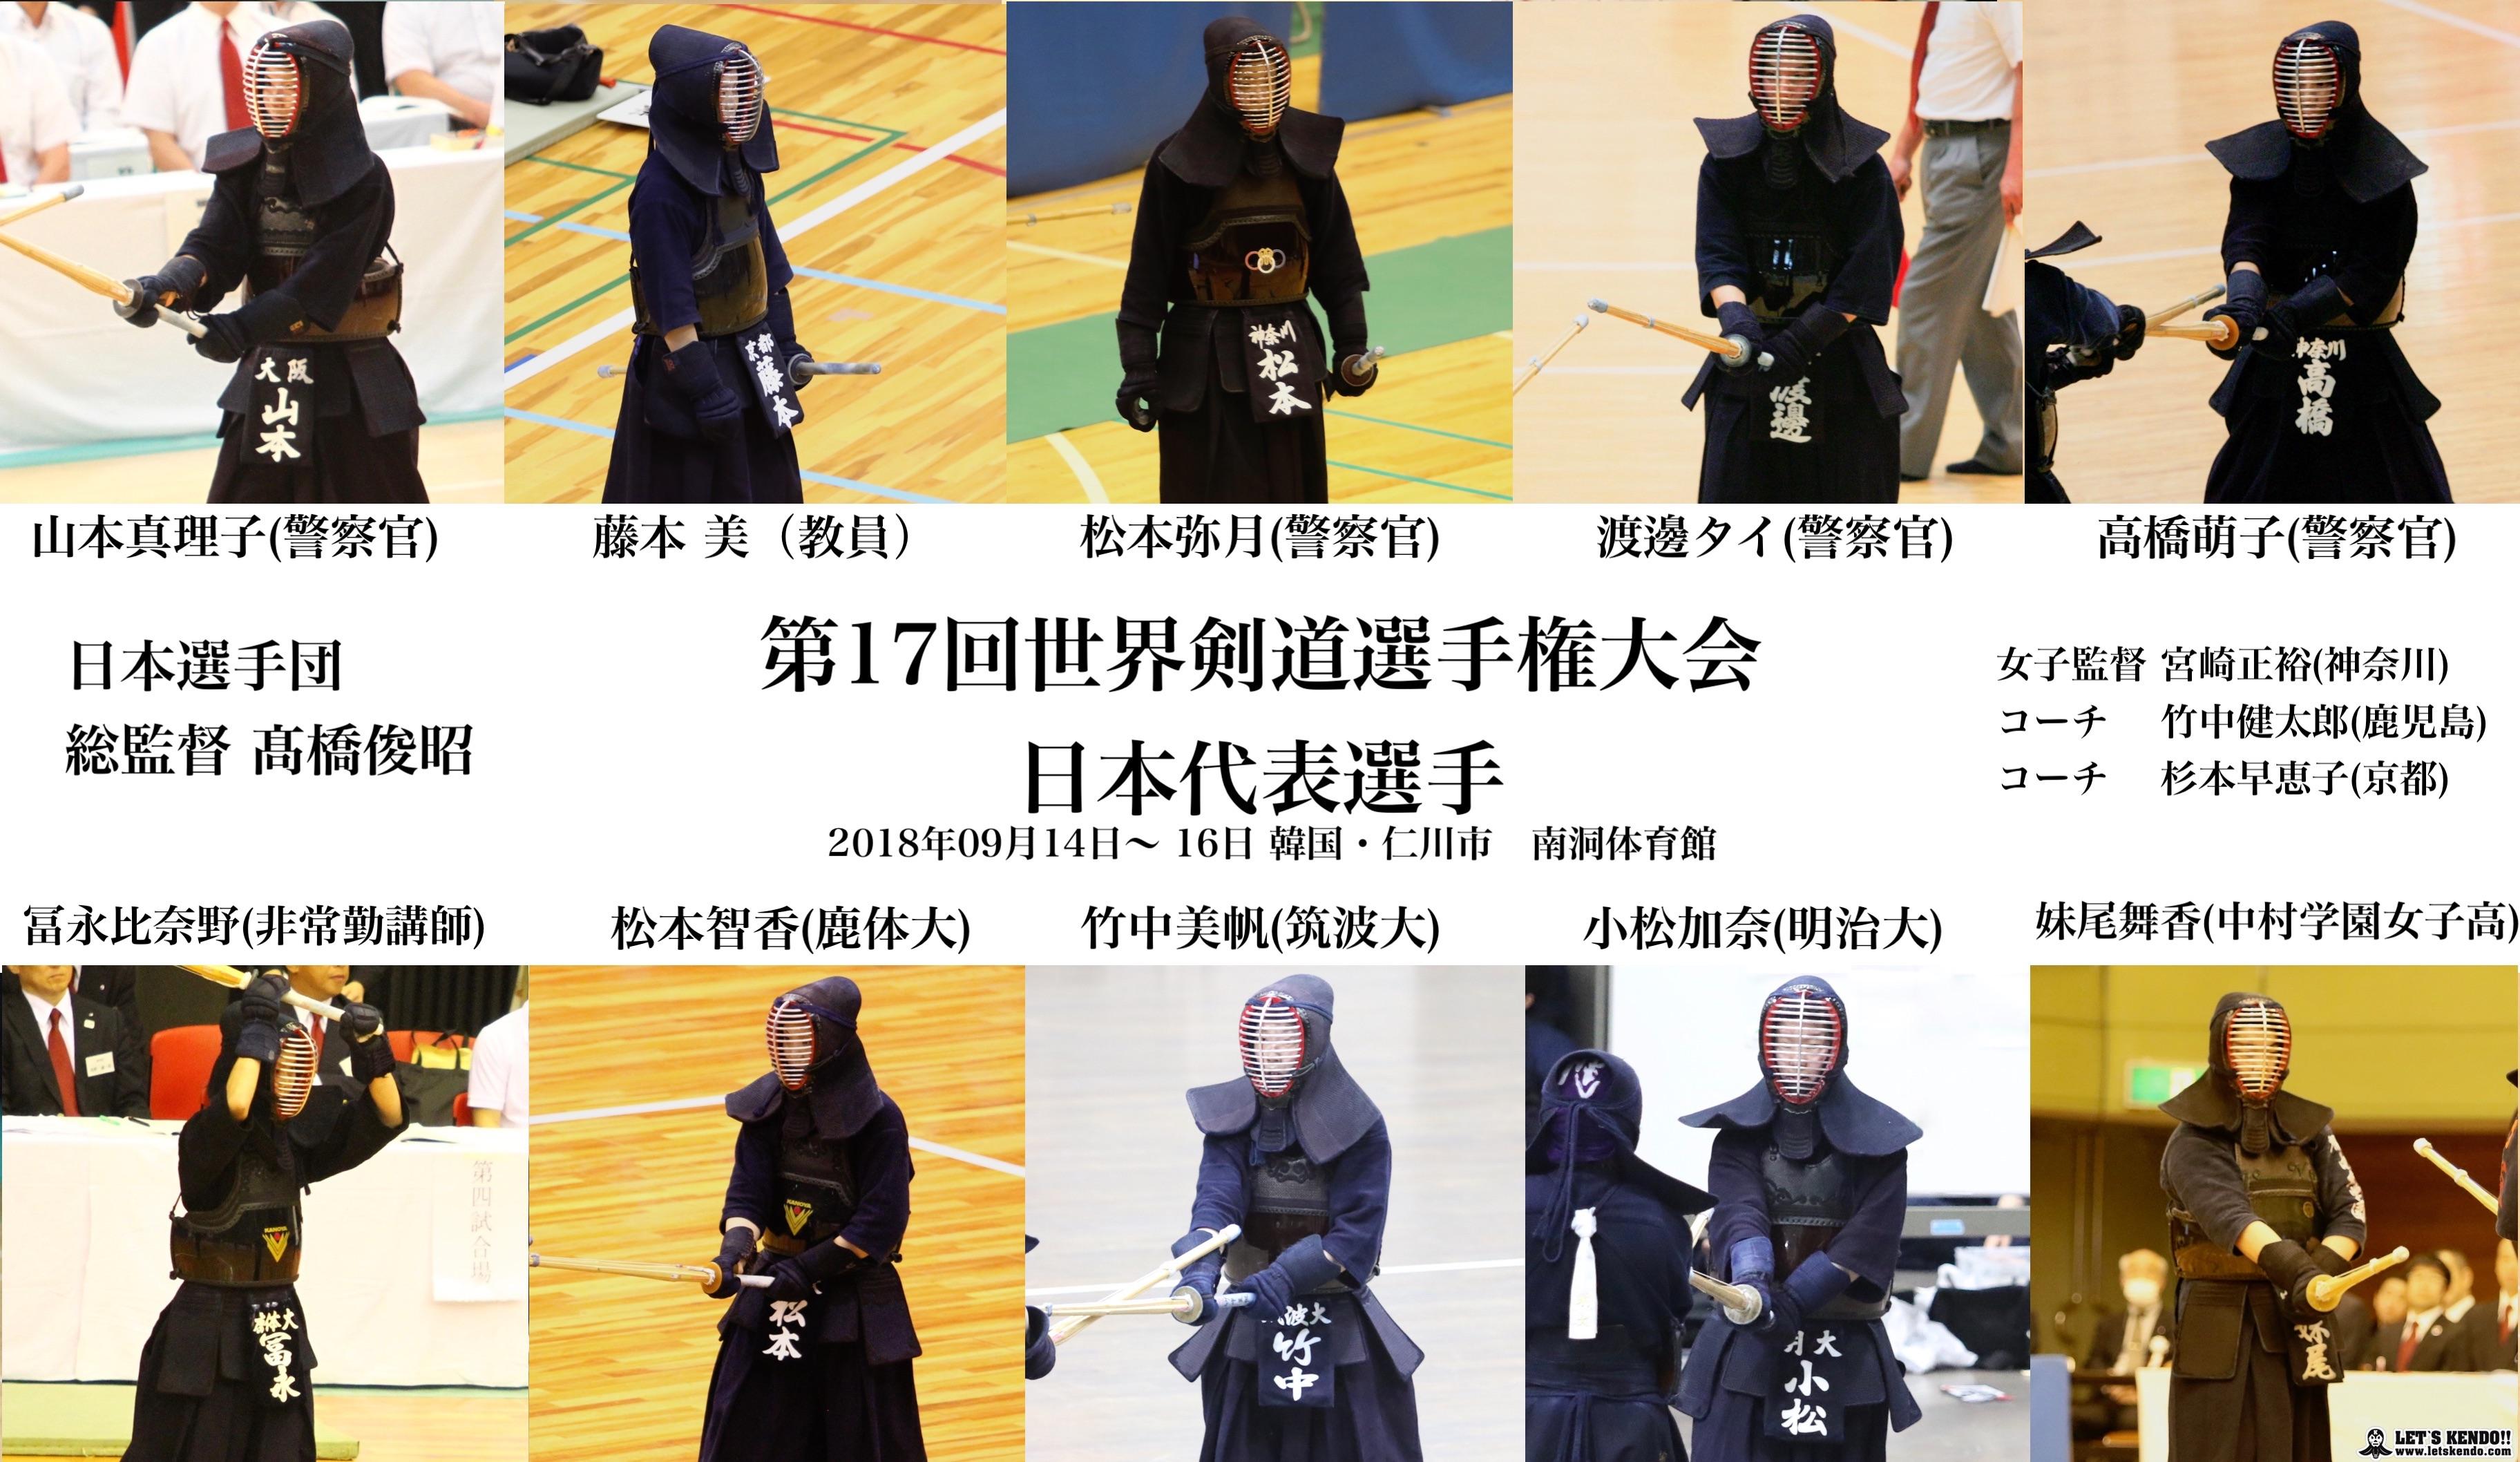 【大会情報】9/14〜16 世界剣道選手権大会SPONSOR